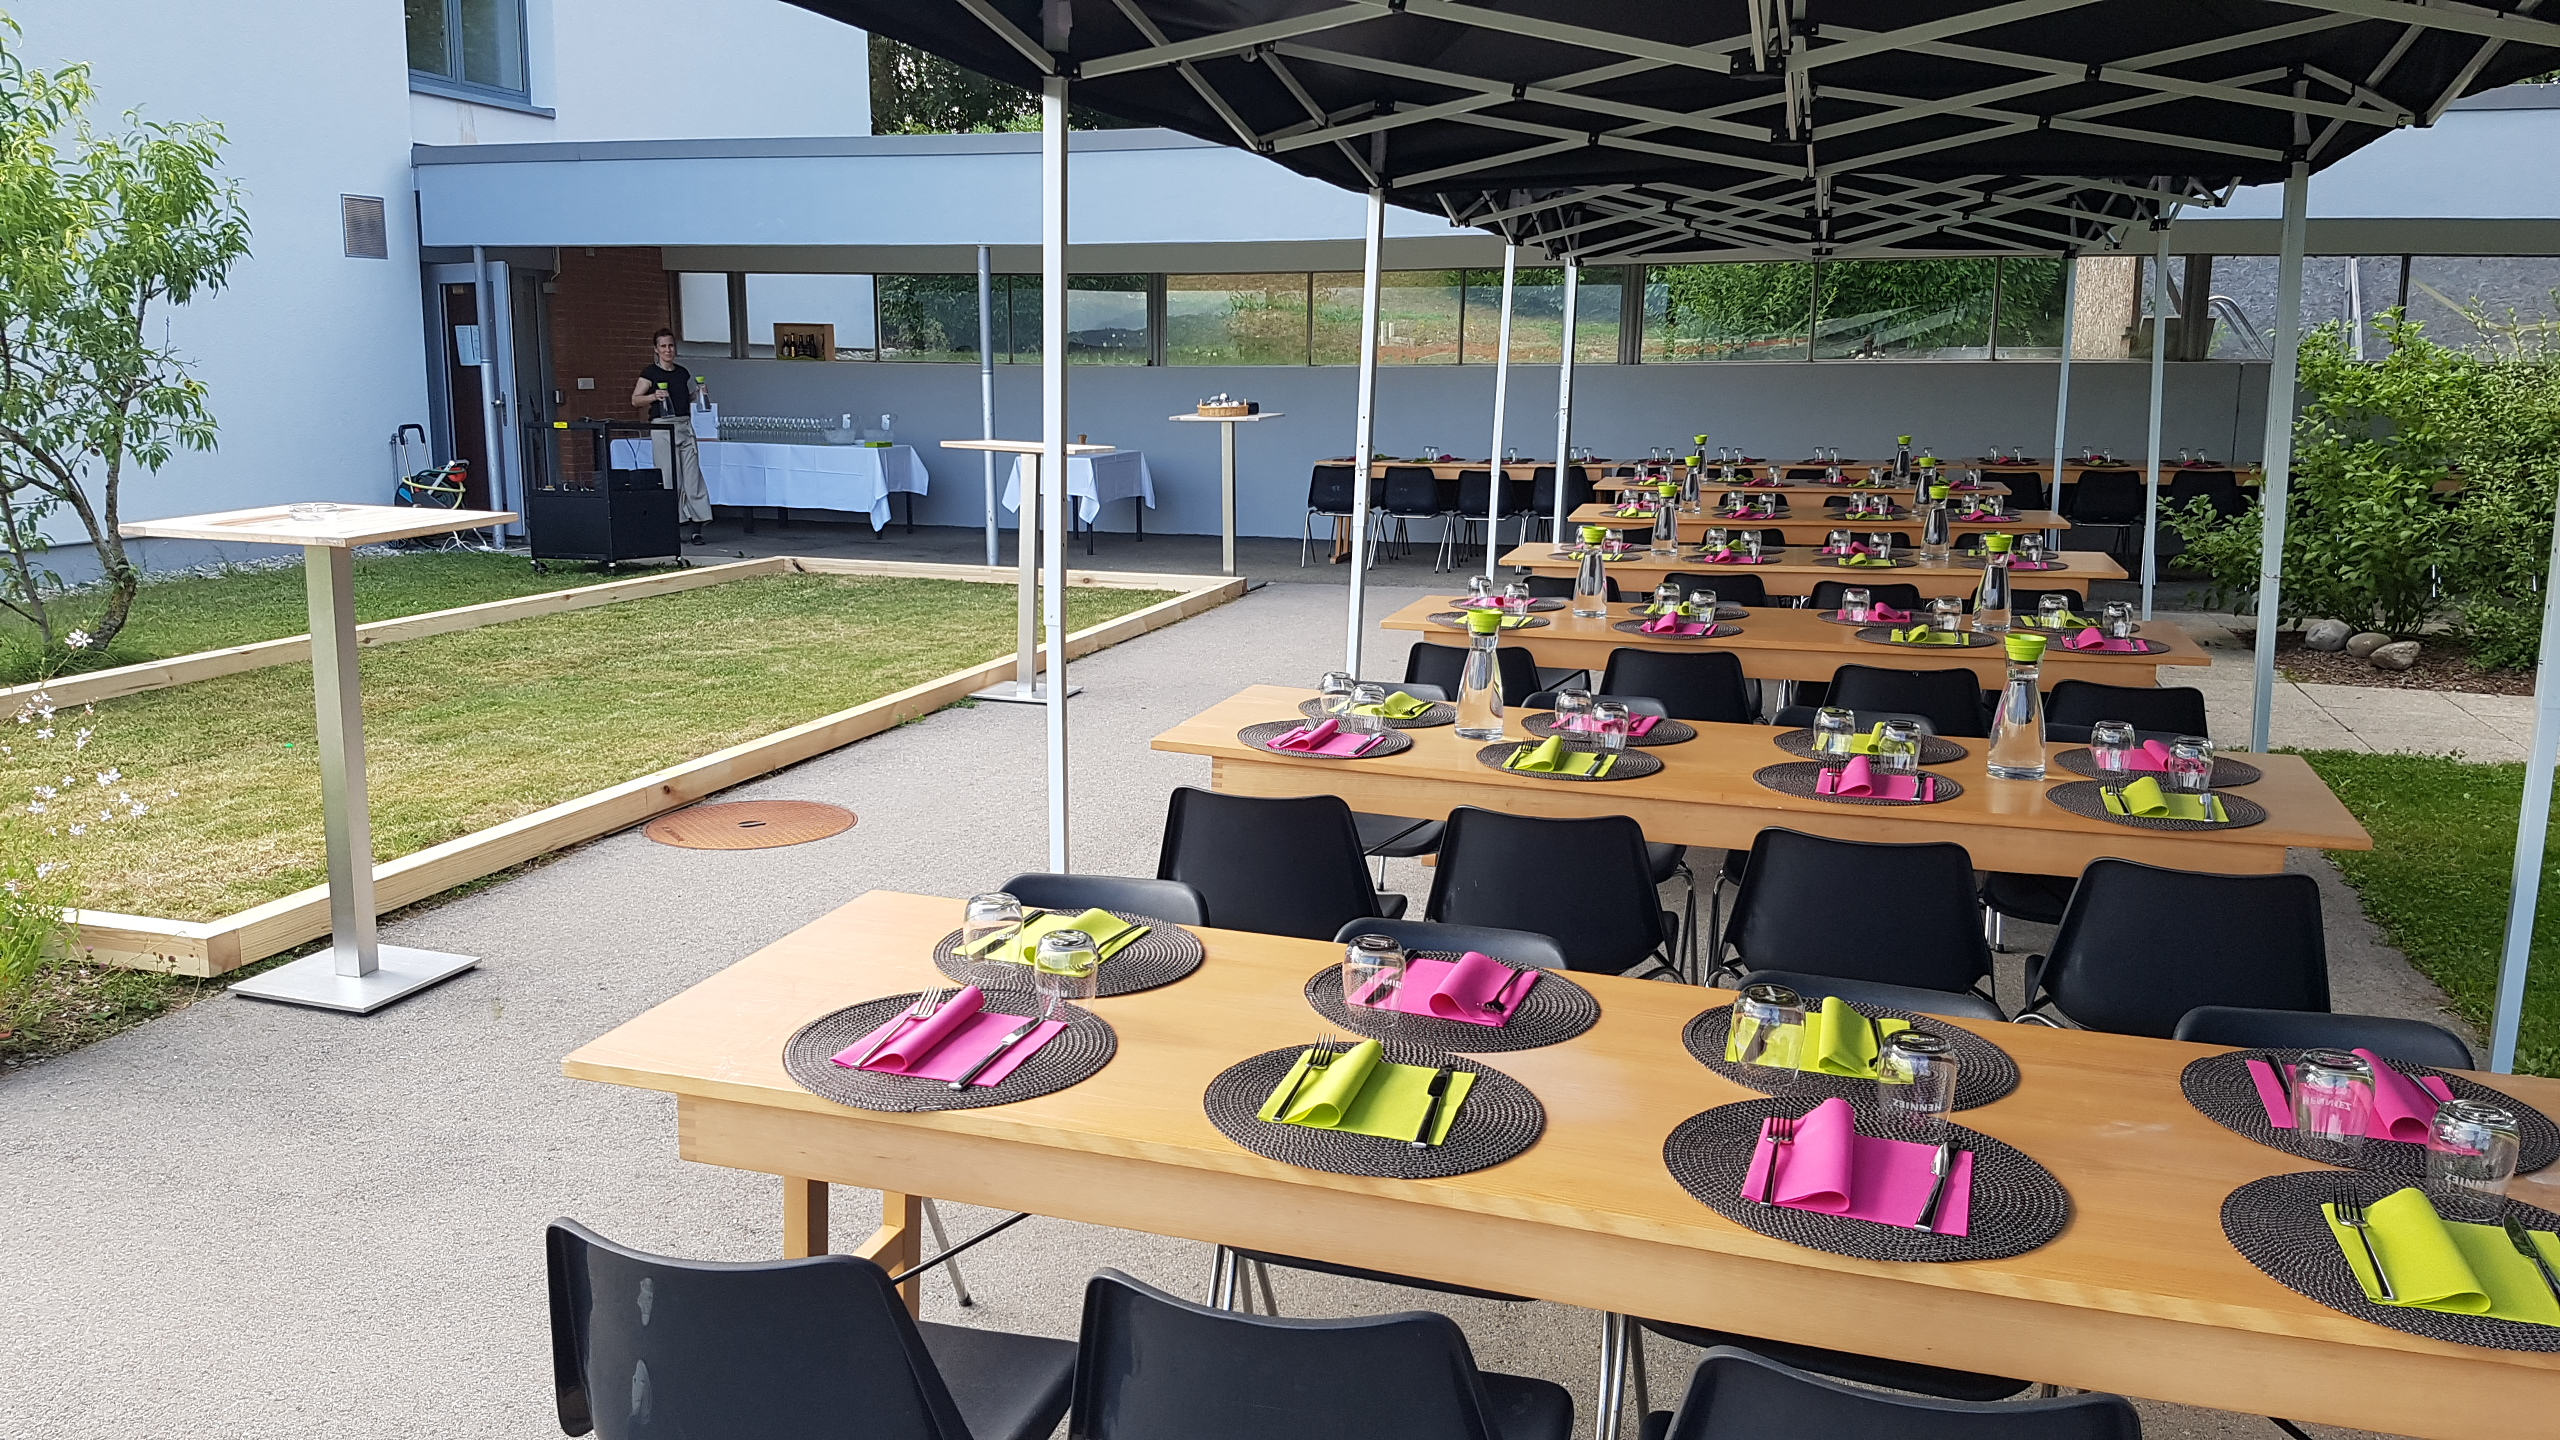 Tables dressées pour un banquet